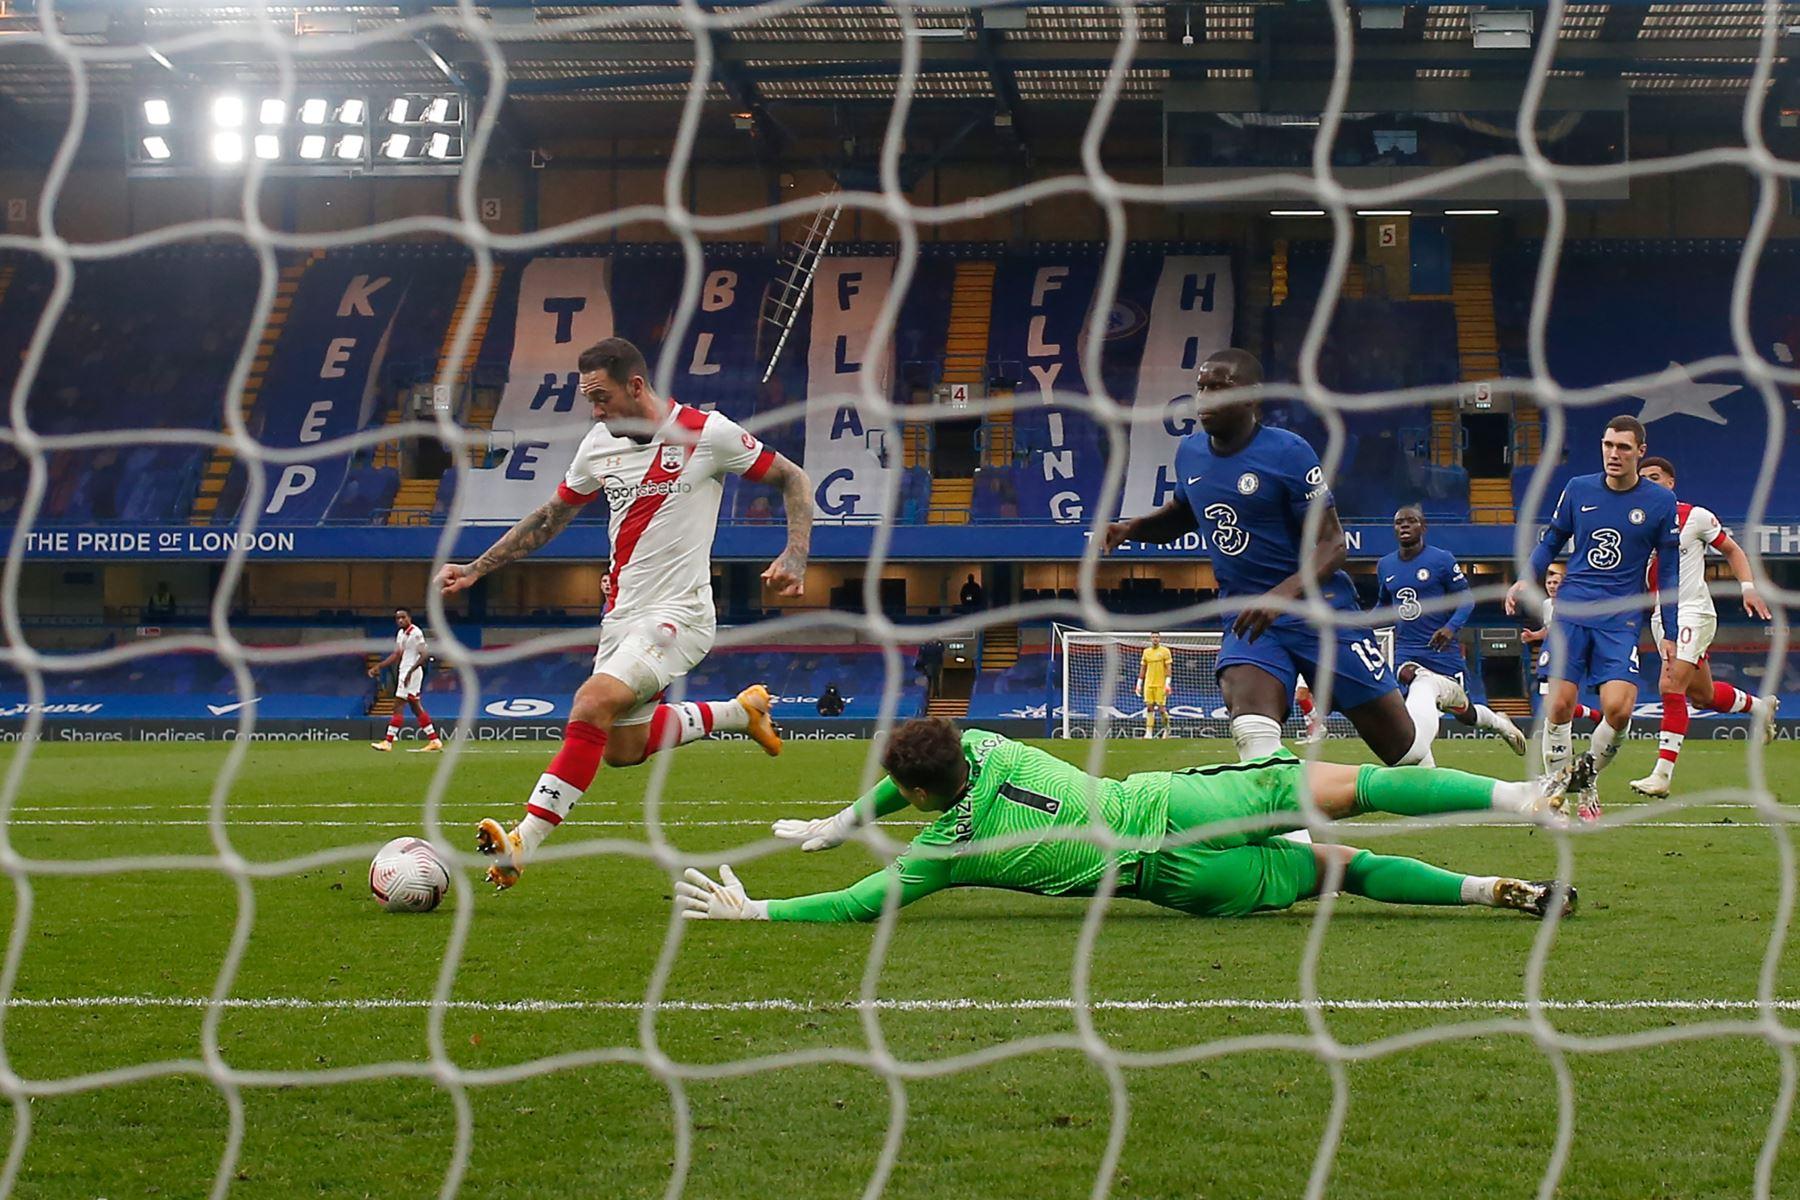 El delantero inglés de Southampton, Danny Ings, supera al portero español de Chelsea, Kepa Arrizabalaga, durante el partido de fútbol de la Premier League en Stamford Bridge, en Londres. Foto: AFP